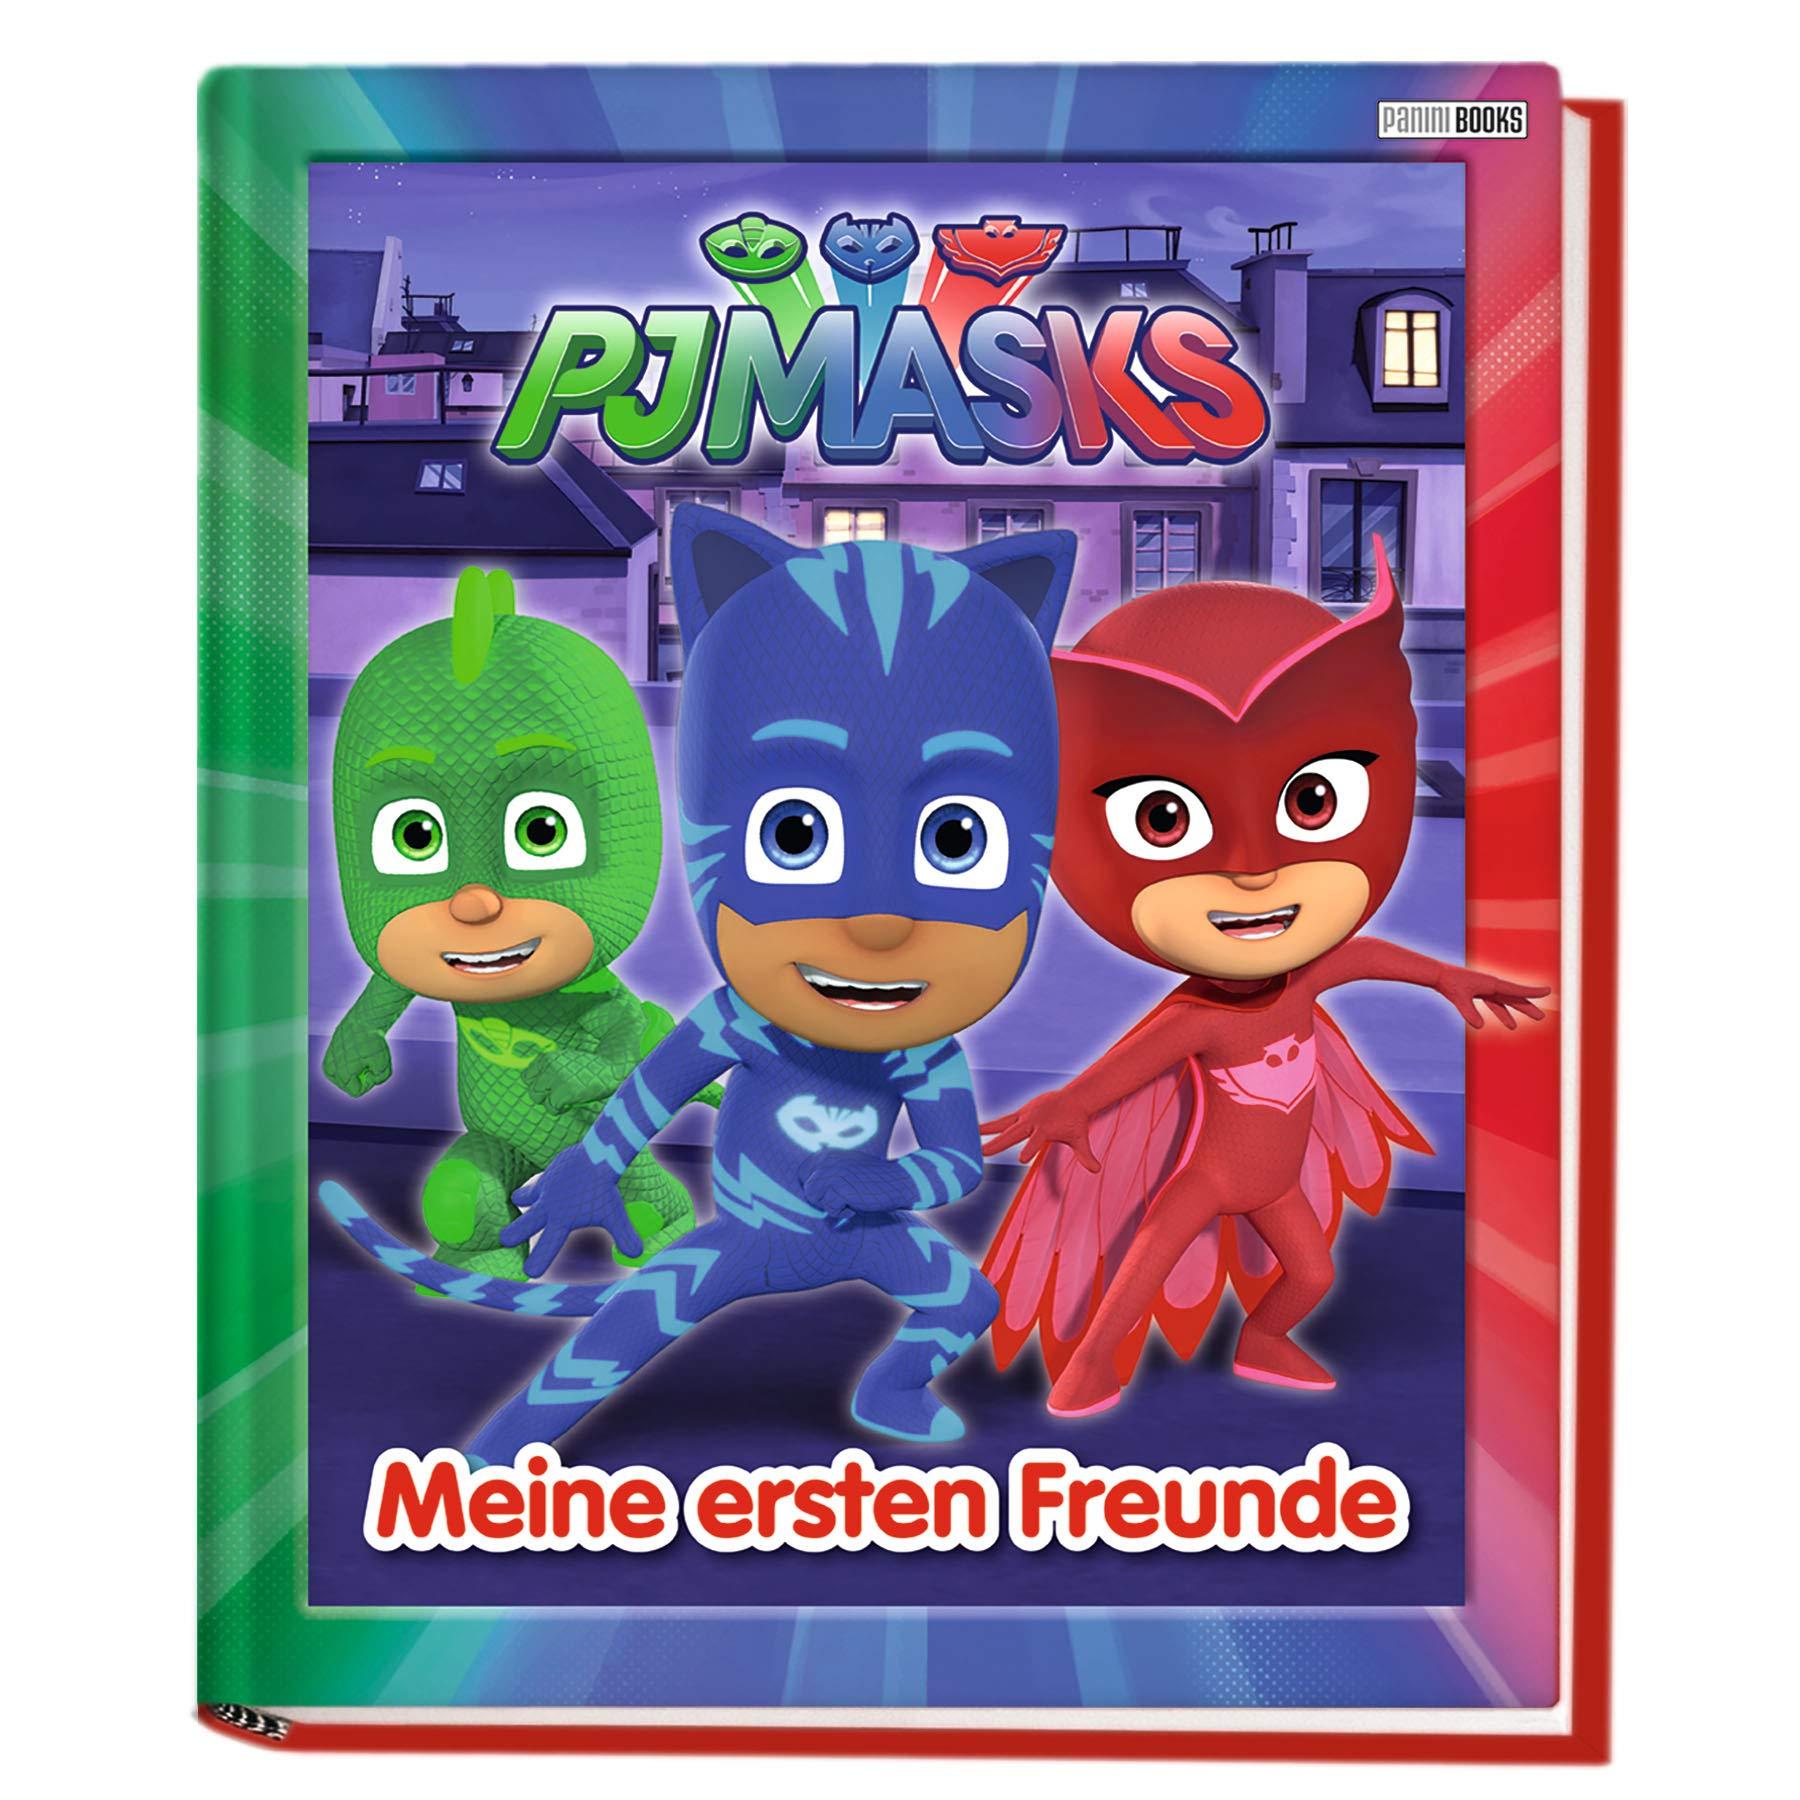 PJ Masks: Meine ersten Freunde: Kindergartenfreundebuch Gebundenes Buch – 22. Oktober 2018 Panini 3833236841 Ab 24 Monaten Geschenkband